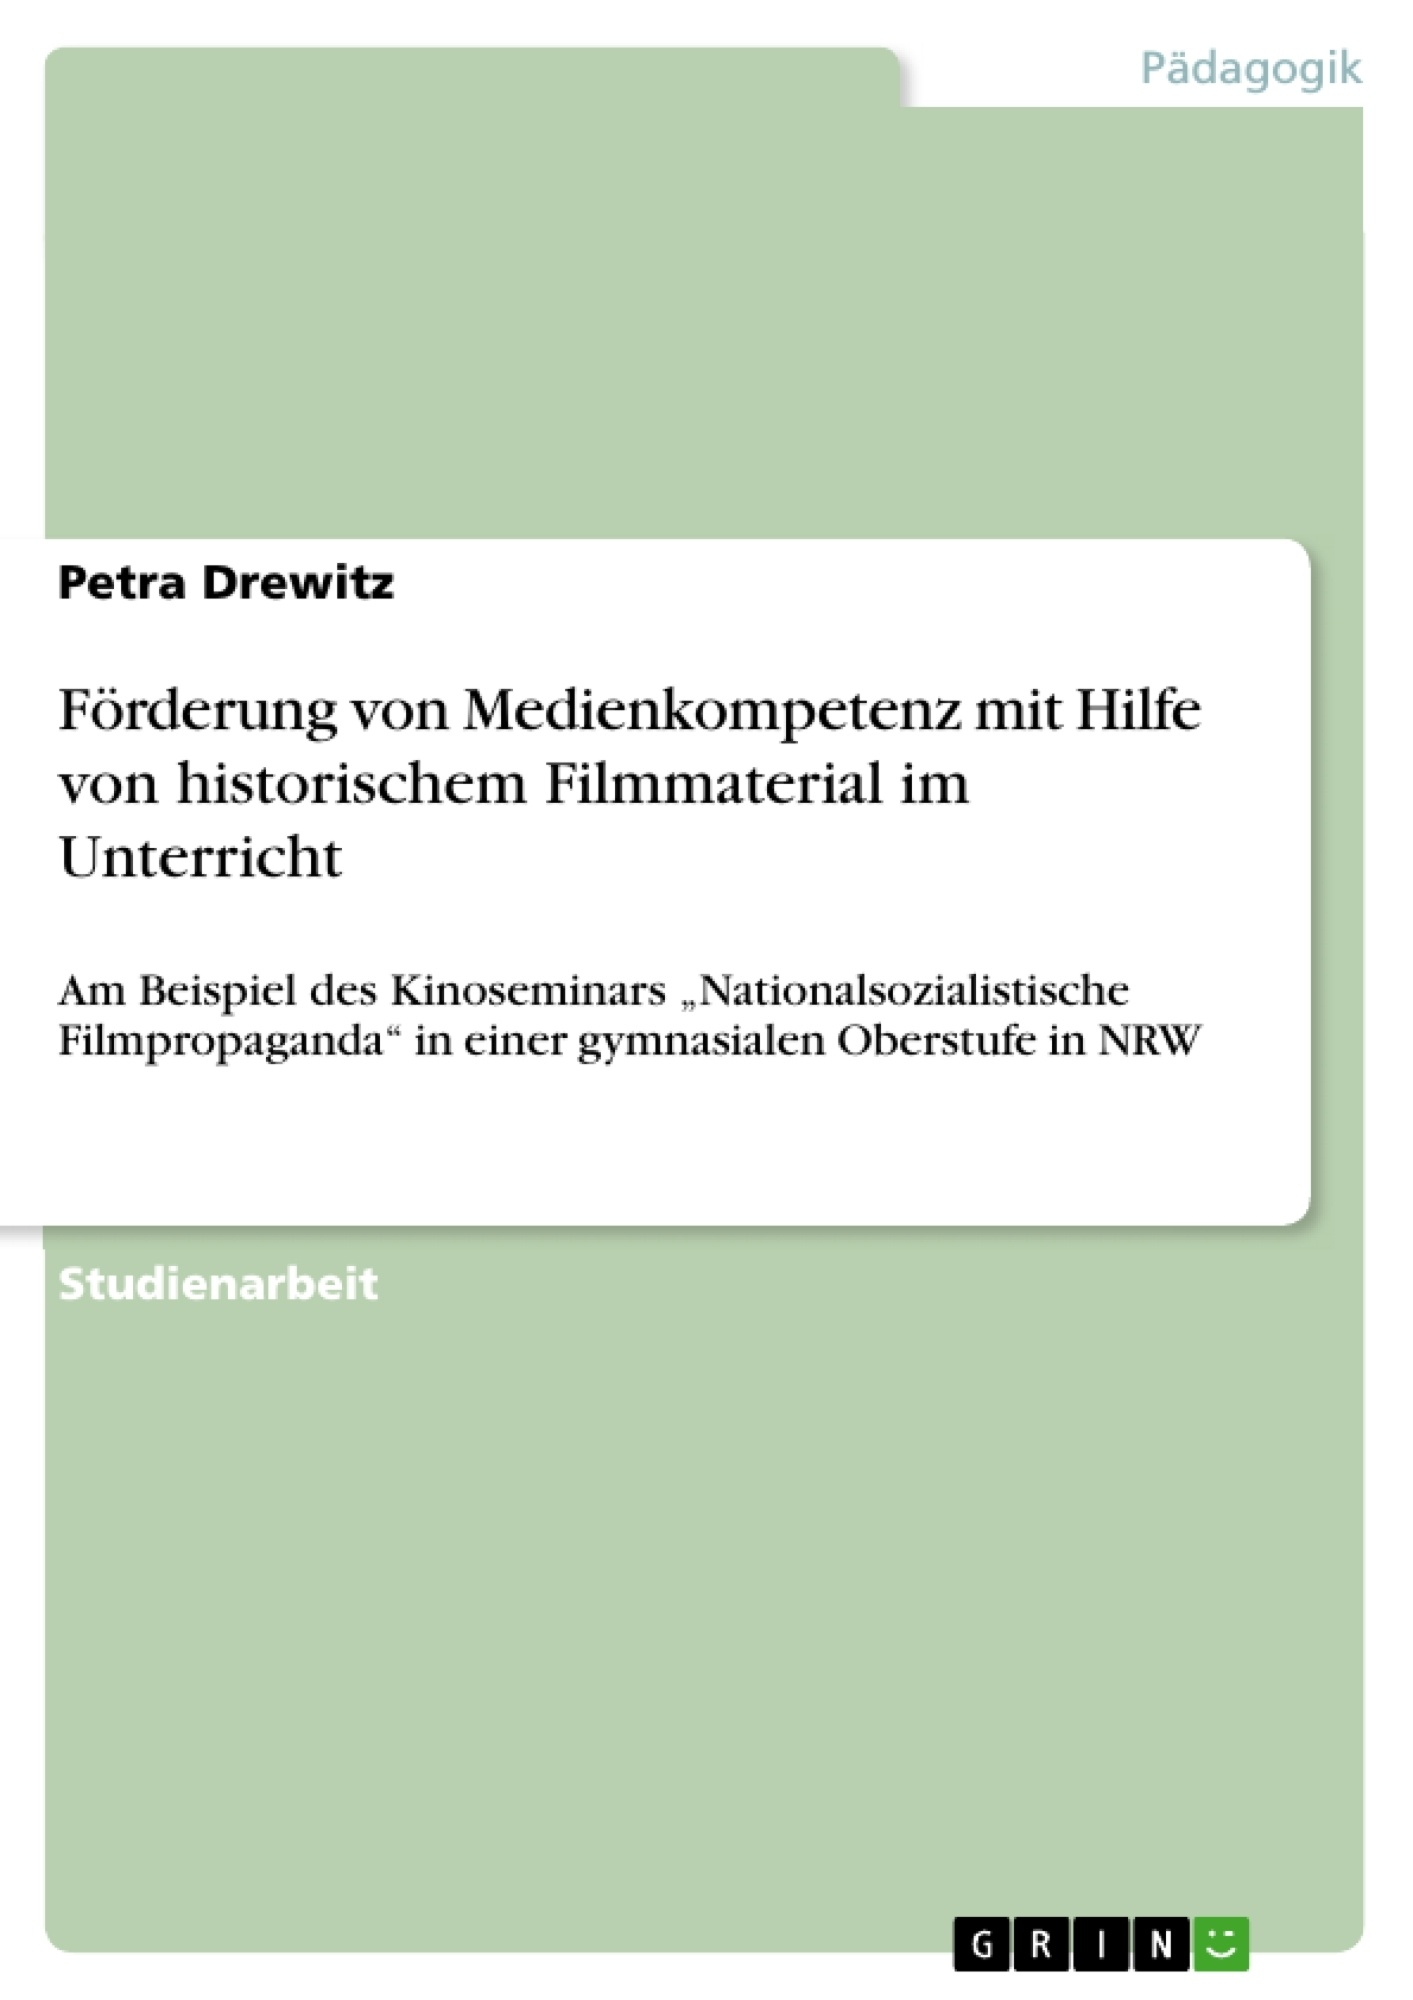 Titel: Förderung von Medienkompetenz mit Hilfe von historischem Filmmaterial im Unterricht